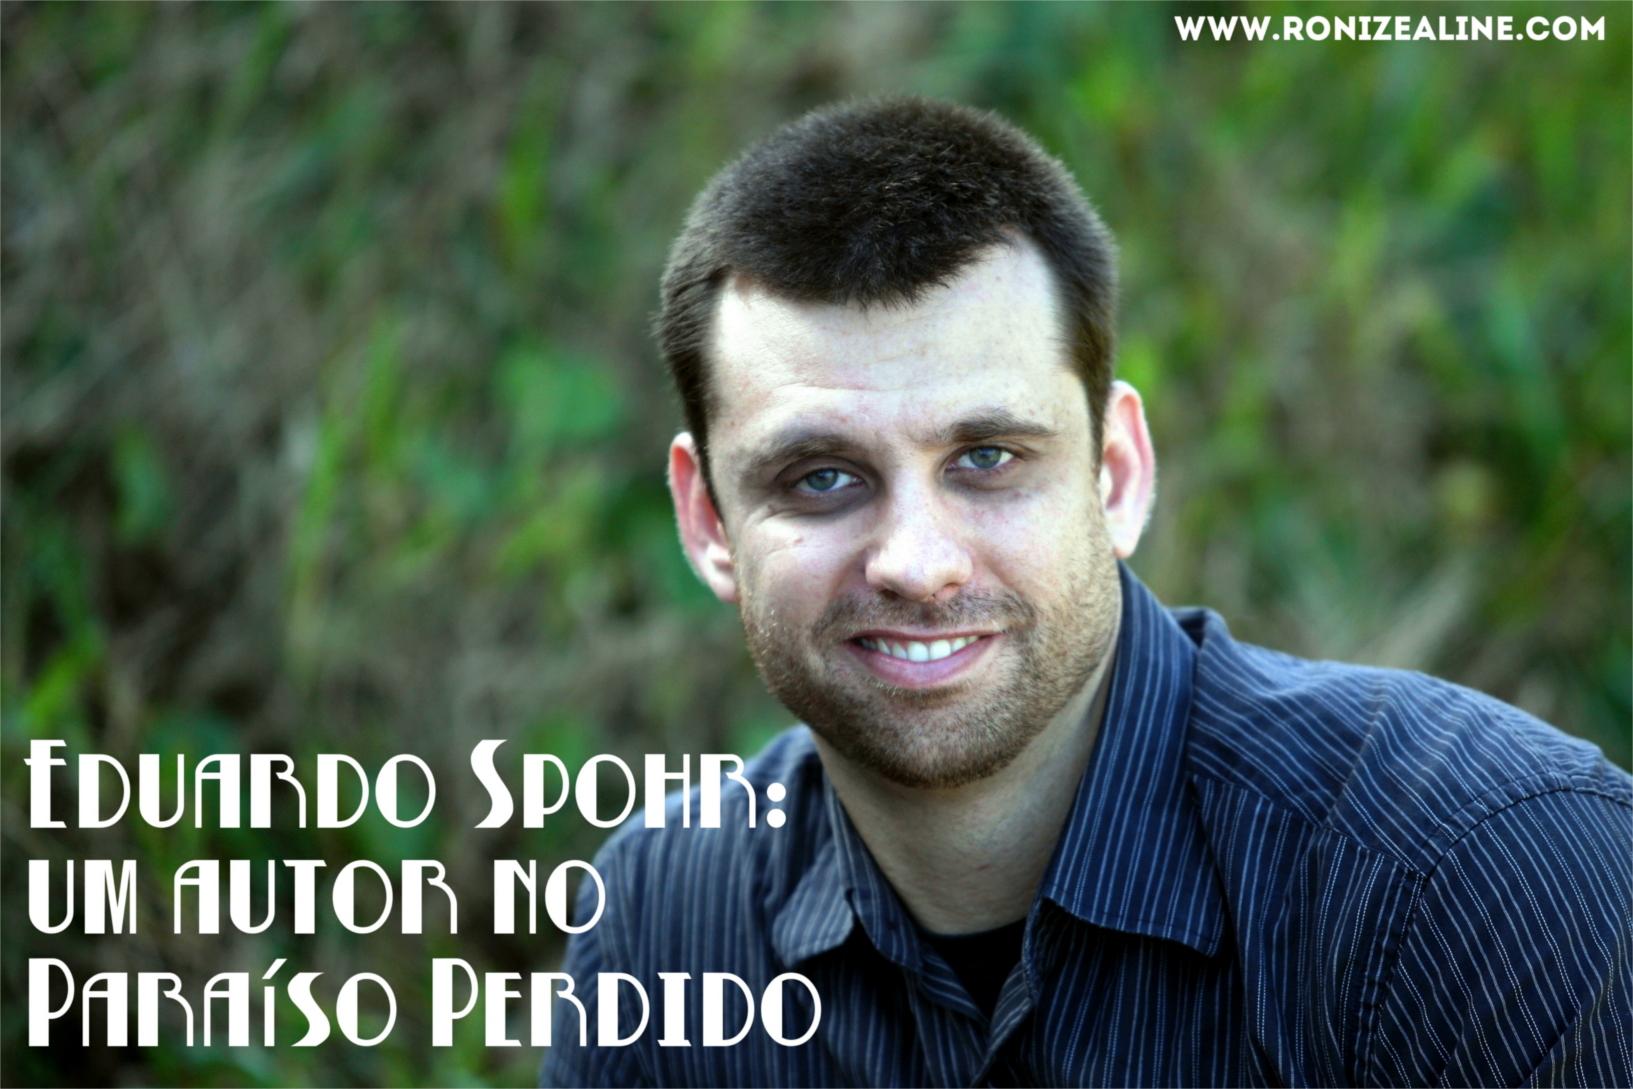 Eduardo Spohr